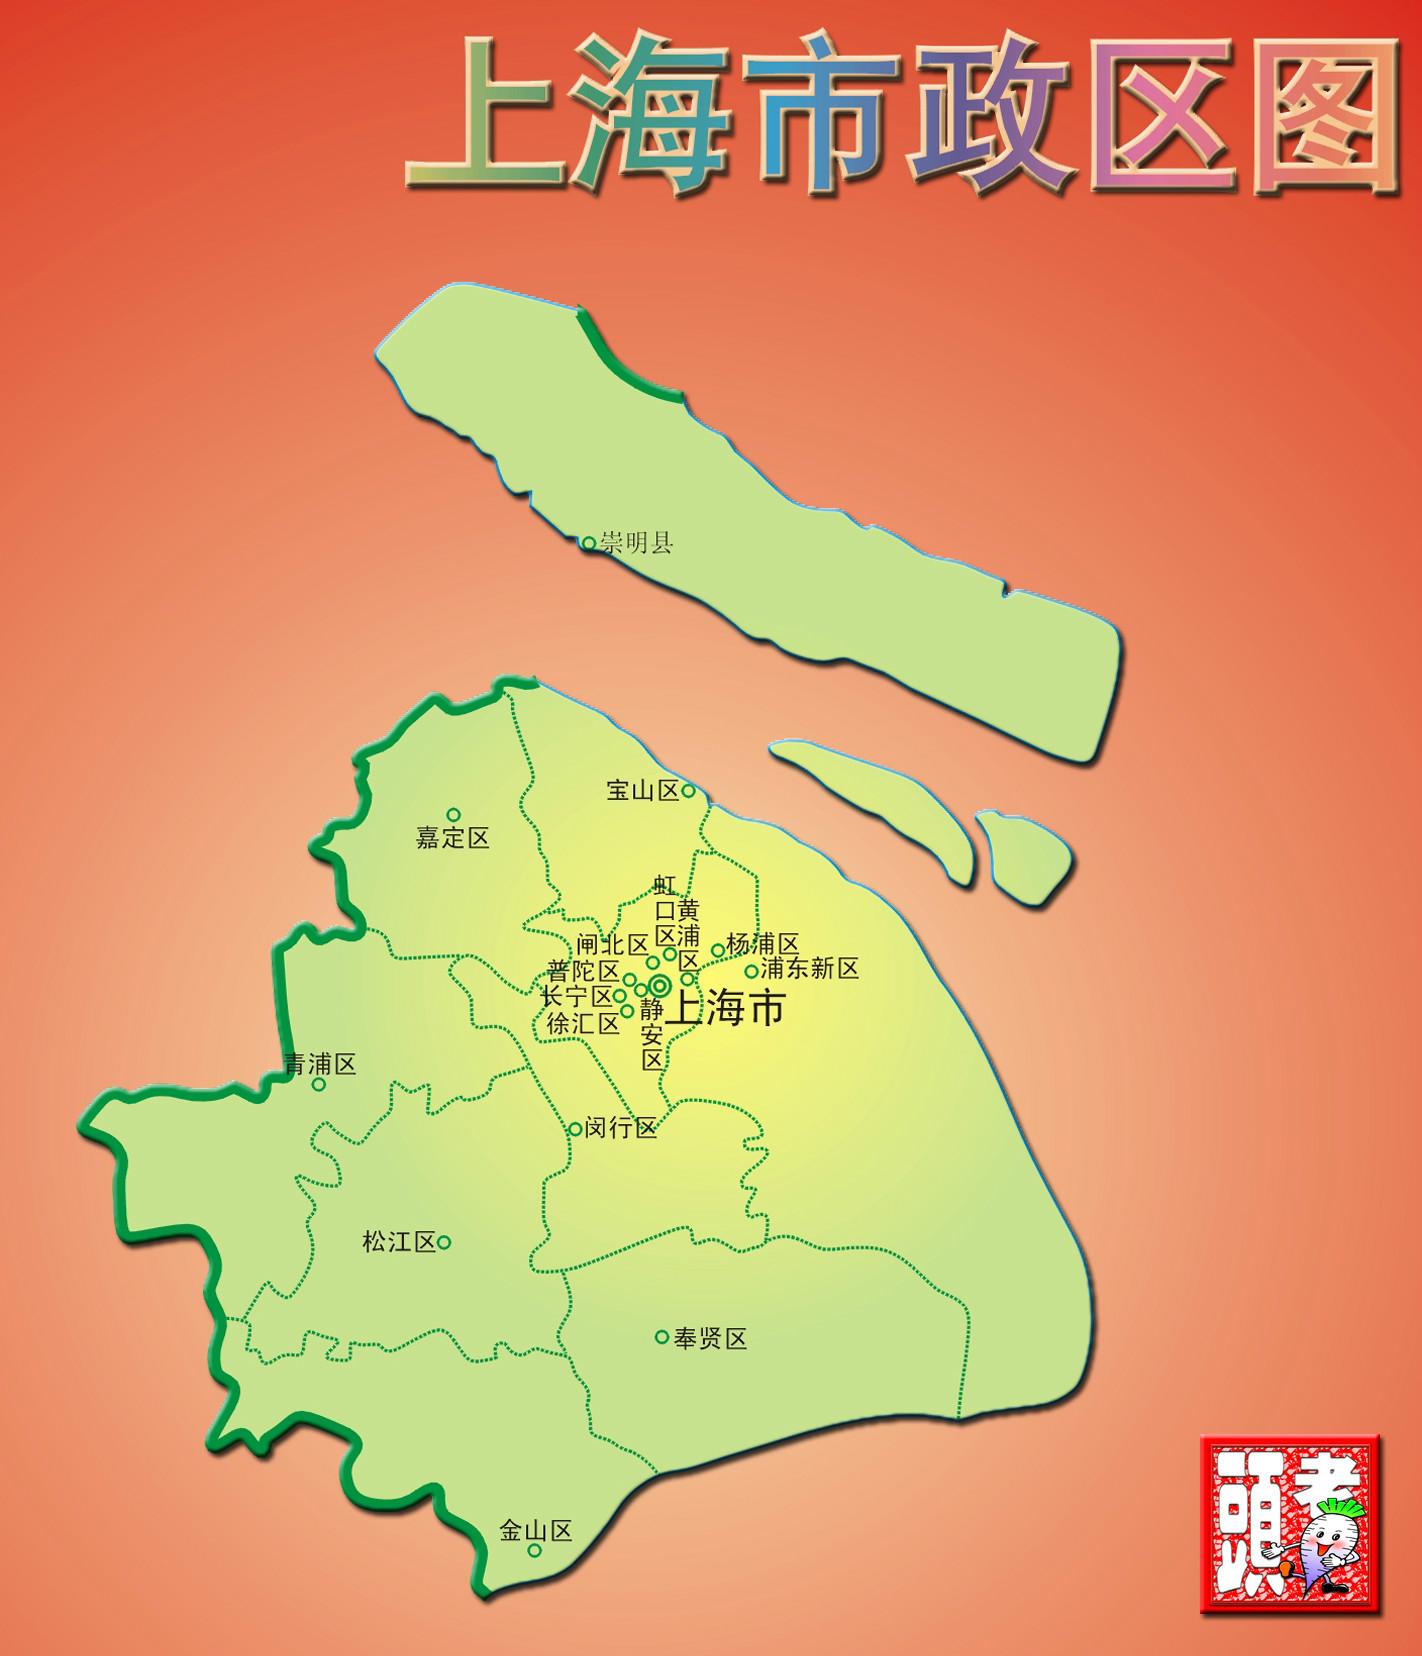 上海市_上海市物资学校_上海市机械工业学校_上海市区